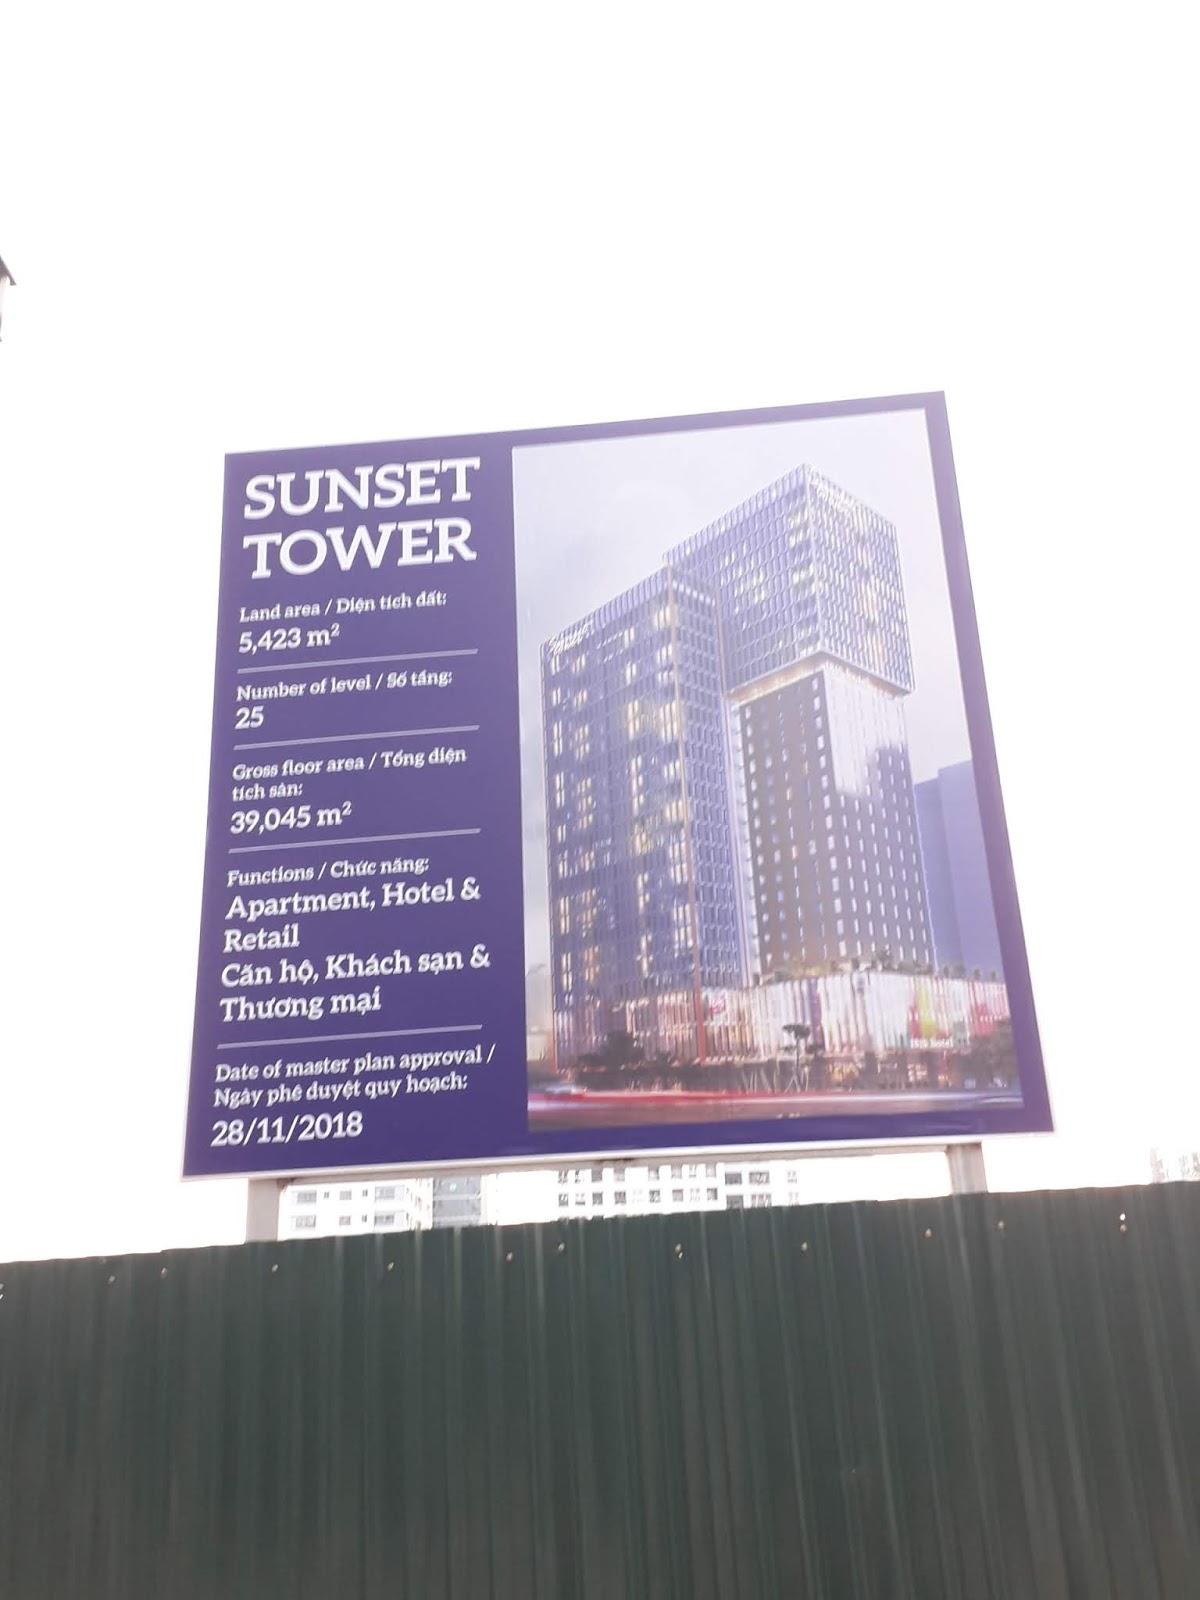 Bảng biển dự án căn hộ khách sạn, chung cư Sunset Tower.